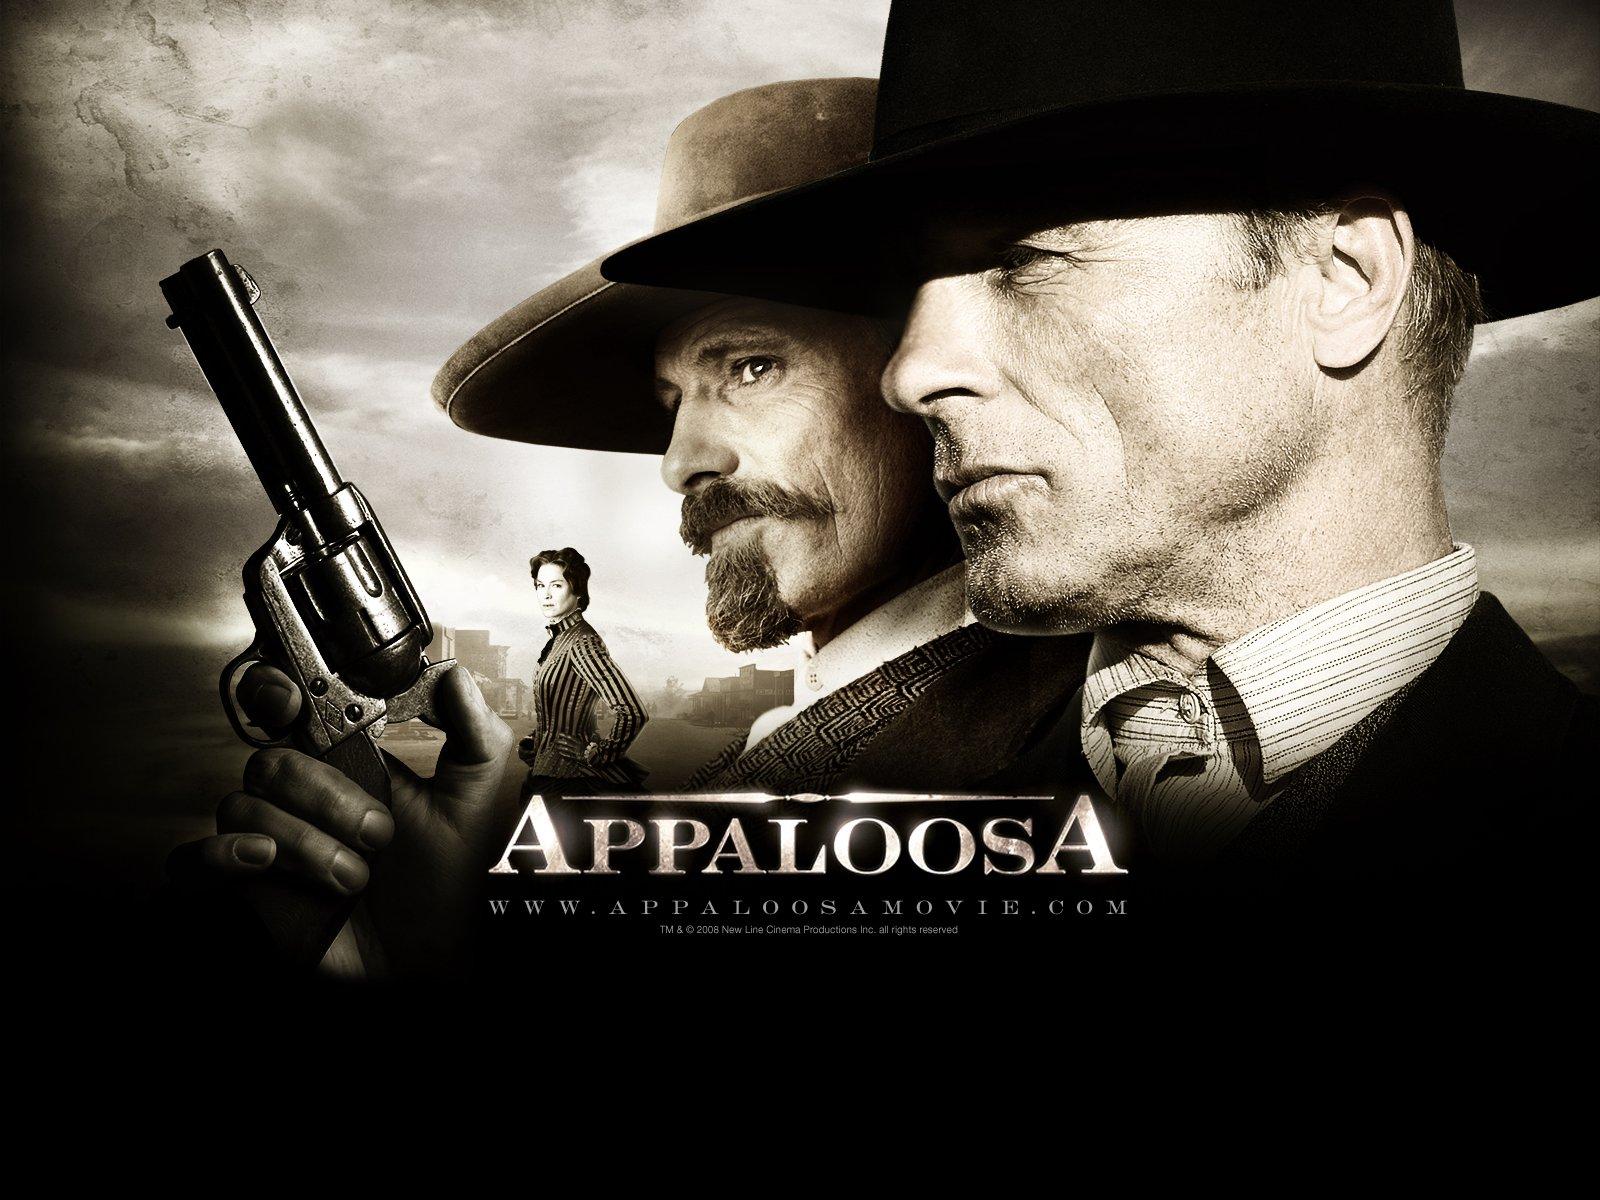 Appaloosa Film